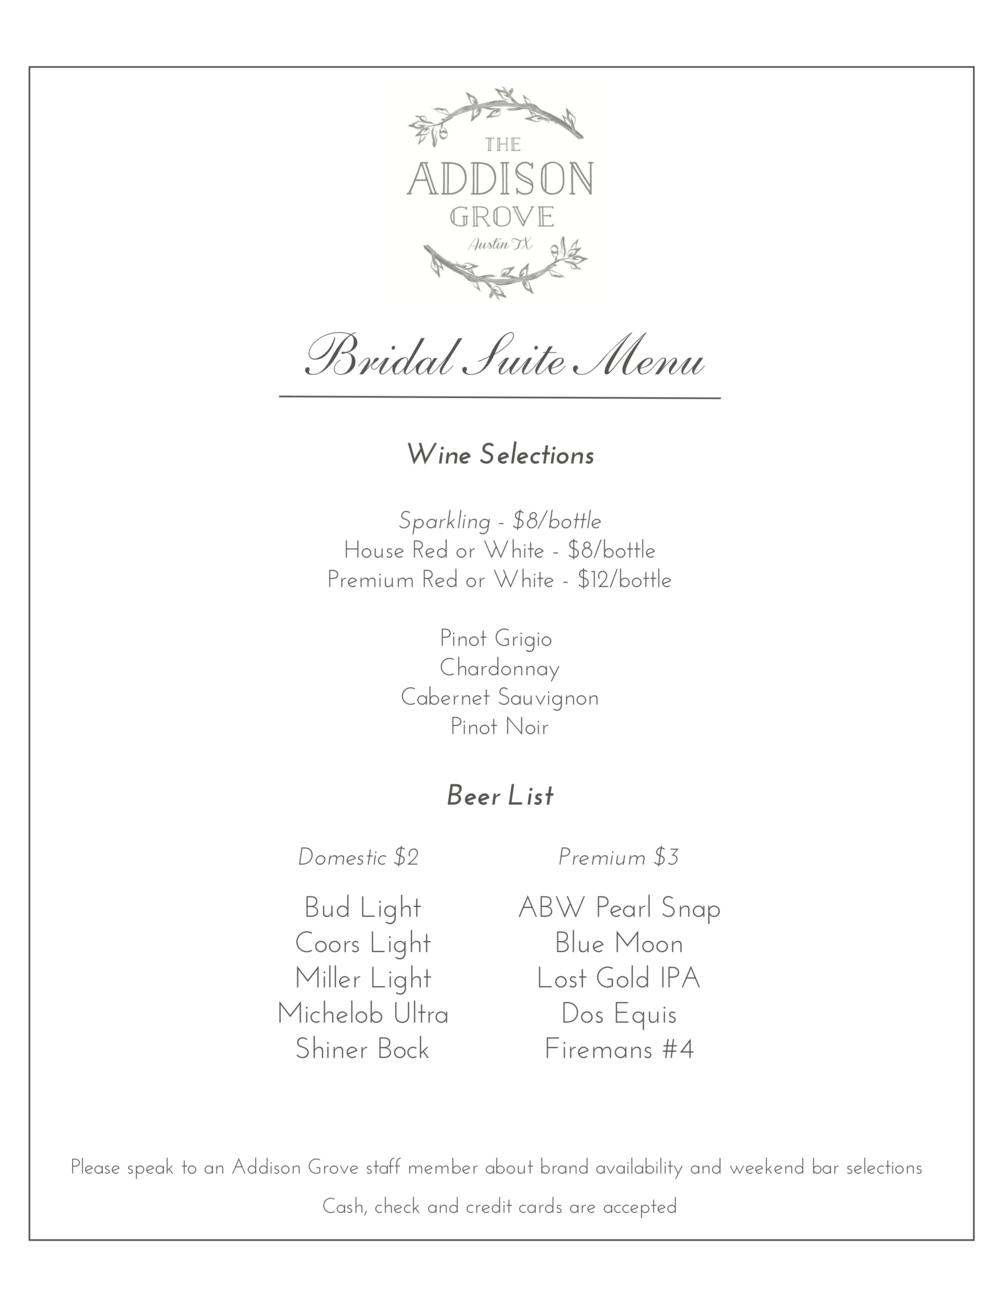 AG Bridal Suite Menu.png